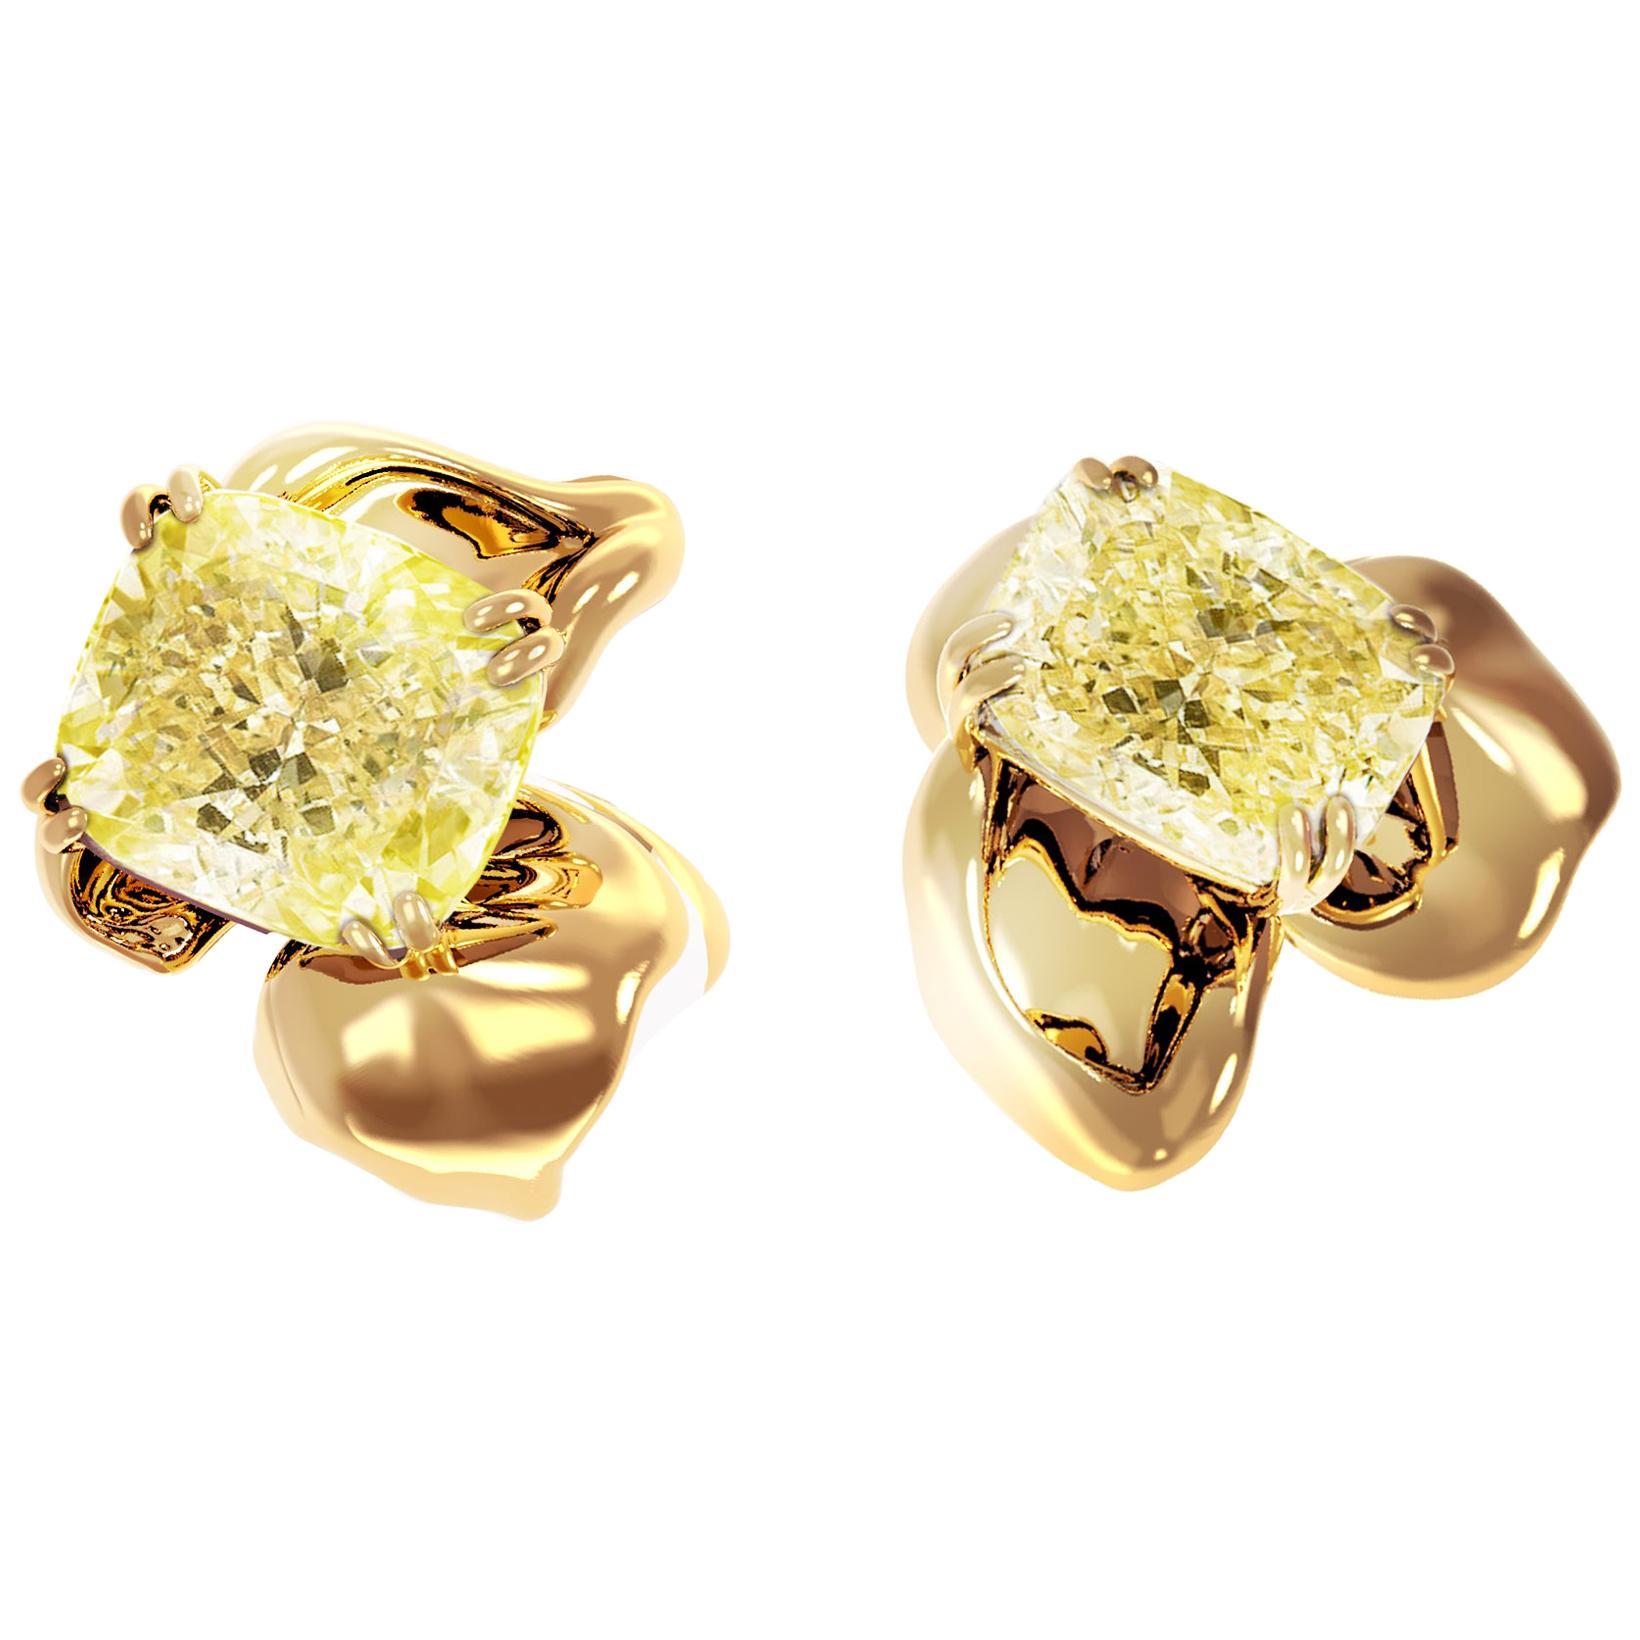 18 Karat Yellow Gold Earrings with 2 Carat GIA Certified Fancy Yellow Diamonds